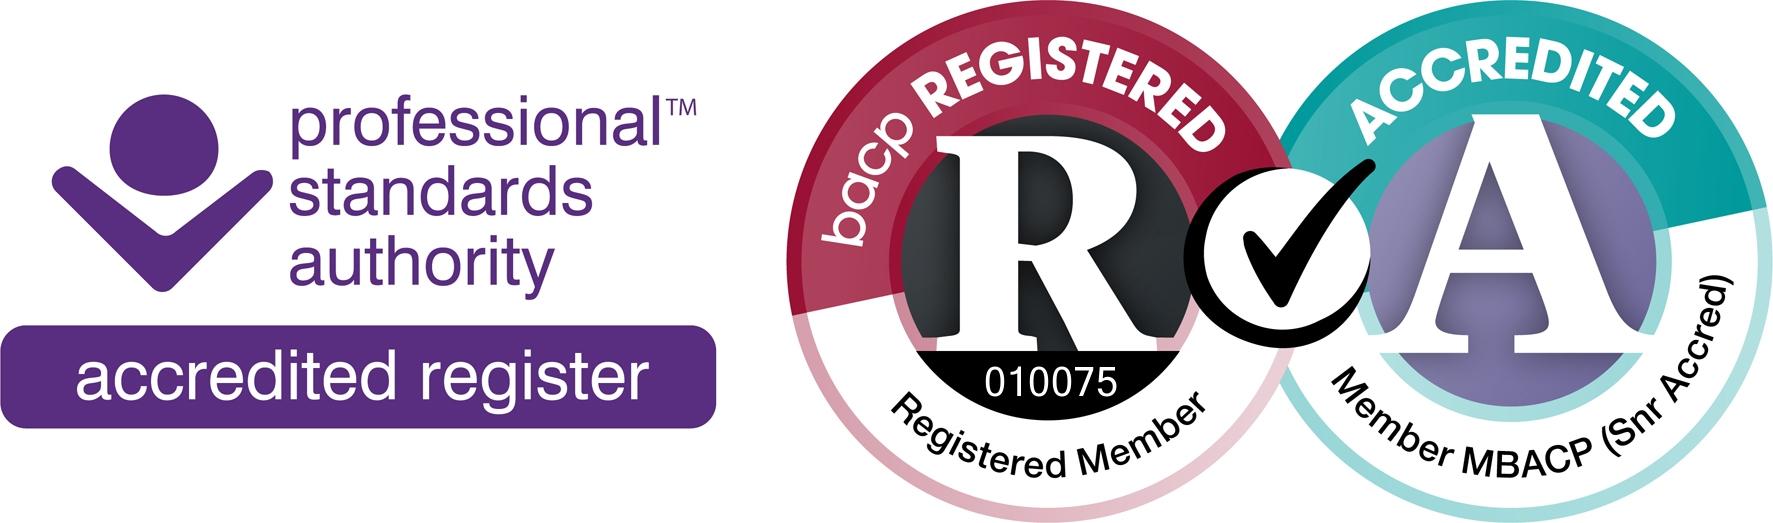 010075_print_logo